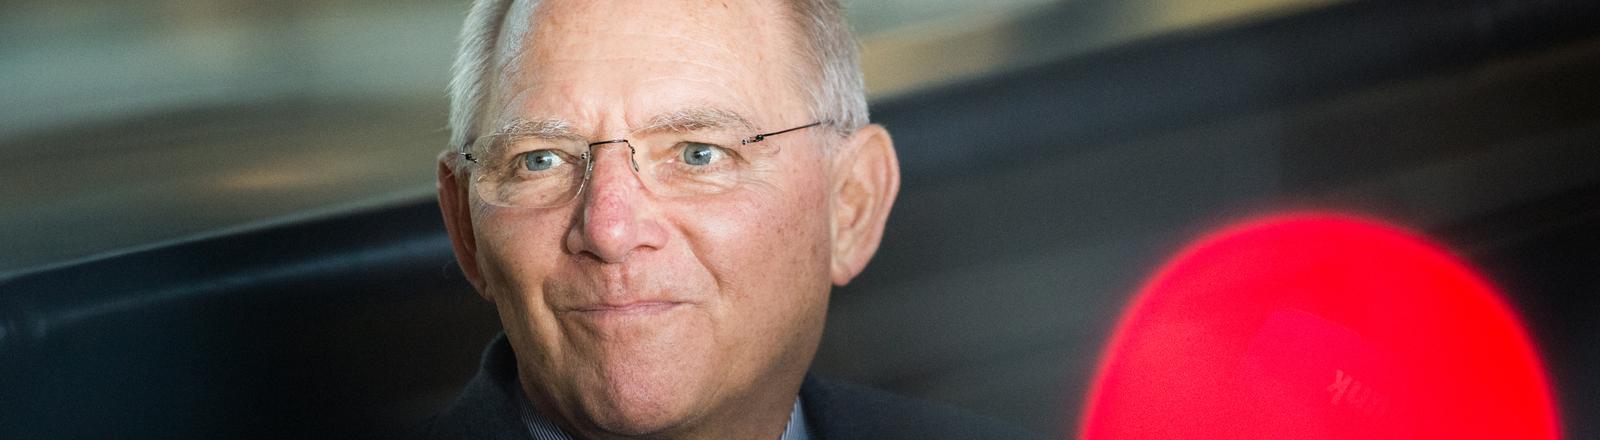 Bundesfinanzminister Wolfgang Schäuble (CDU) gibt am 13.01.2015 vor der Fraktionssitzung der CDU im Bundestag in Berlin ein Statement zum Bundeshaushalt ab.